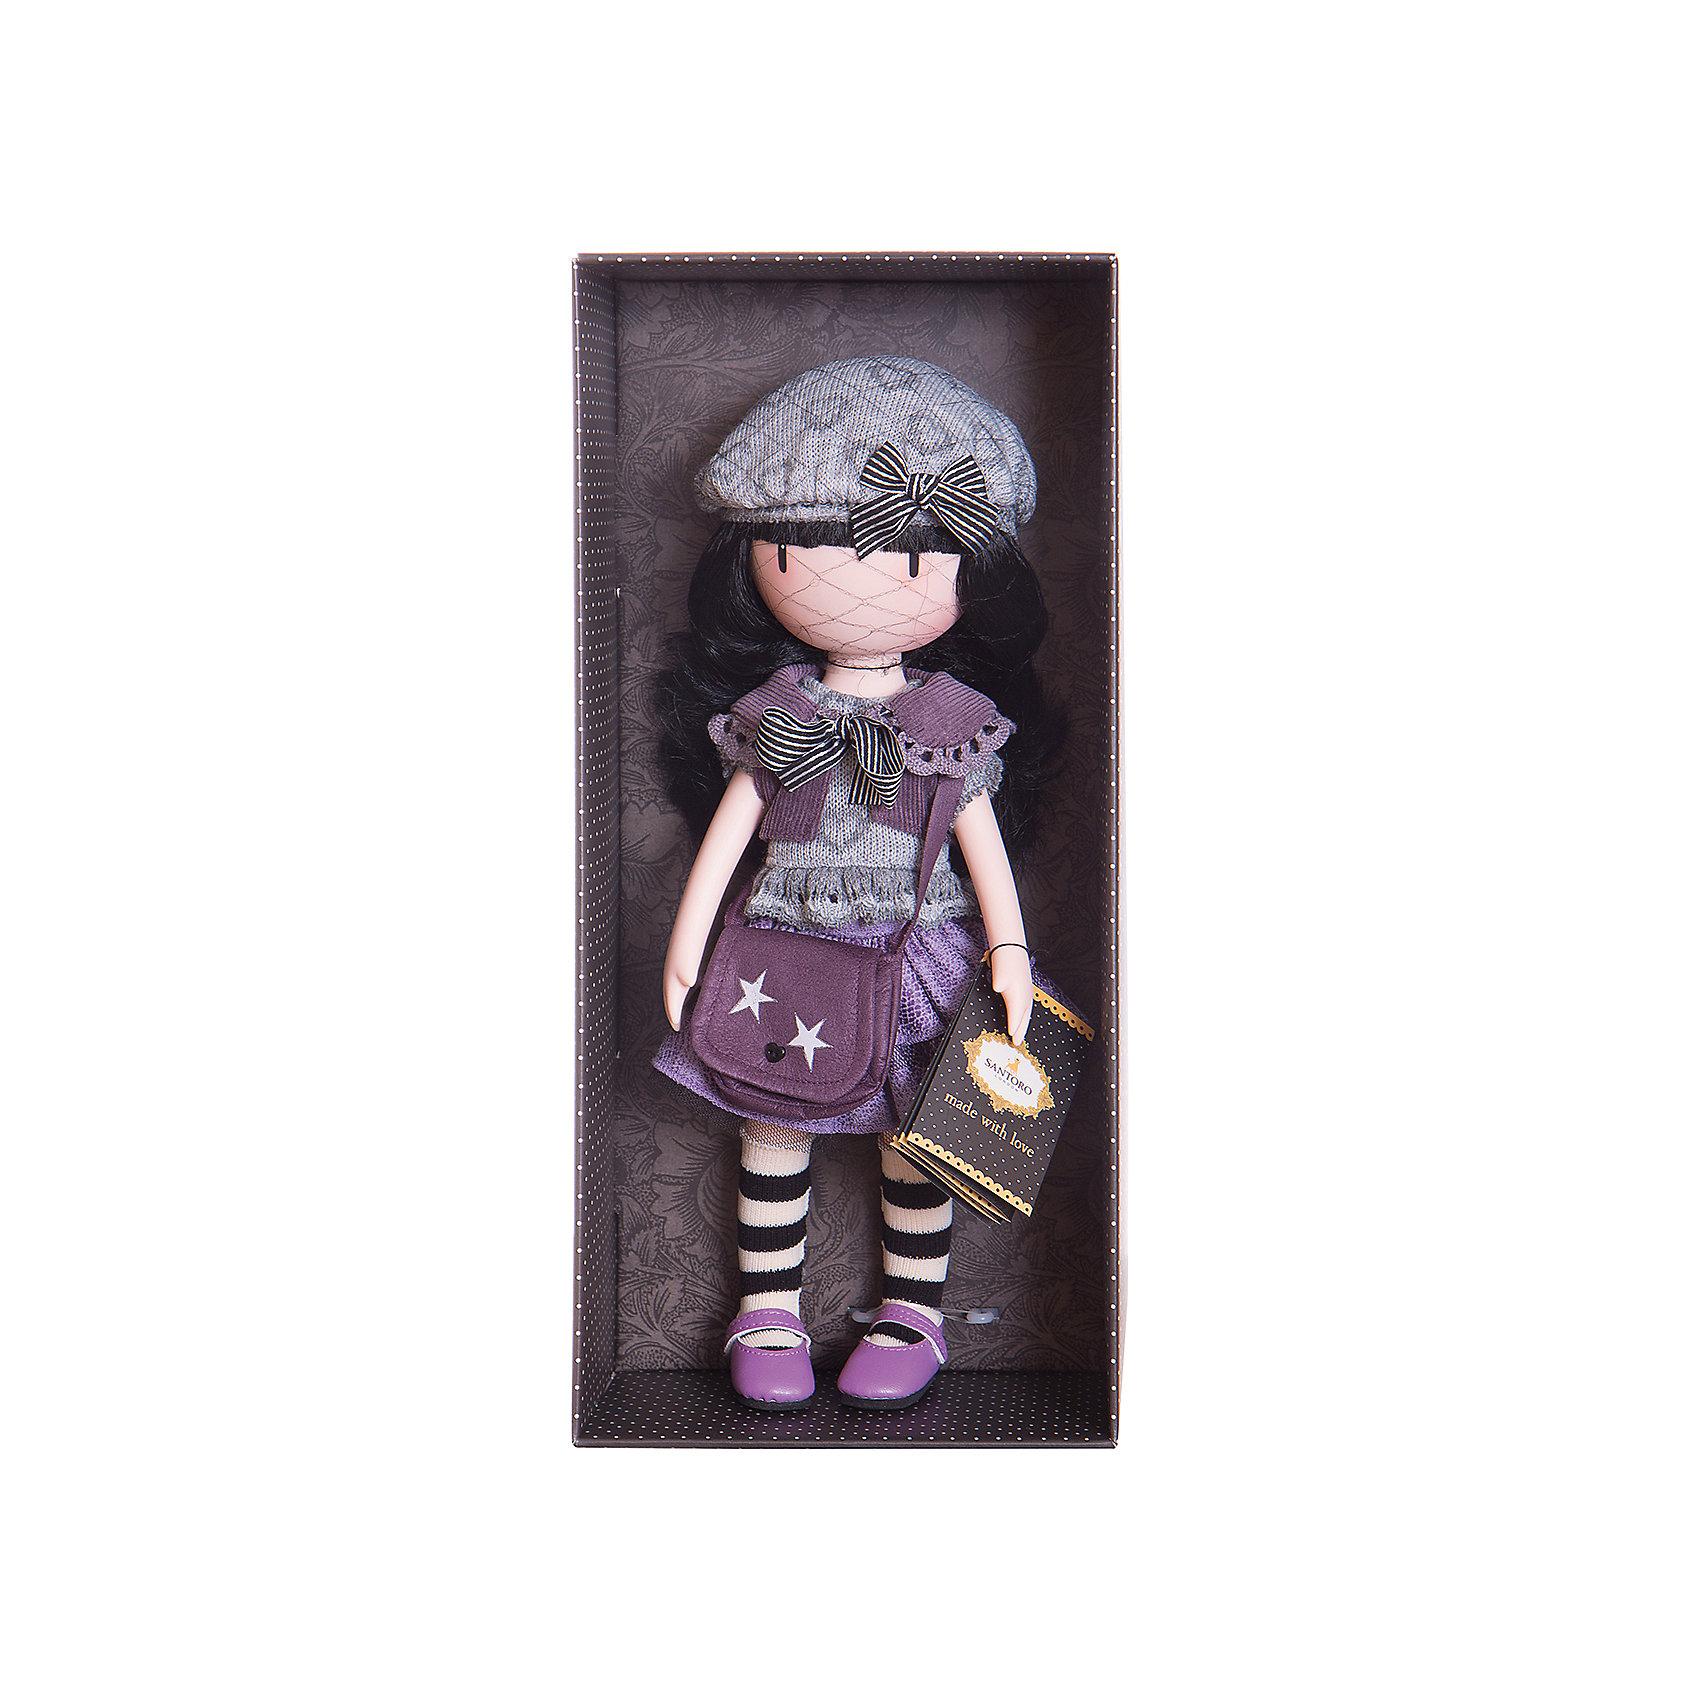 Кукла Горджусс Маленькая фиалка, 32 см, Paola ReinaКлассические куклы<br>Кукла Горджусс Маленькая фиалка, 32 см, Paola Reina.<br><br>Характеристики:<br><br>• Для детей в возрасте: от 3 лет<br>• В комплекте: кукла, сумка, брошюра<br>• Высота куклы: 32 см.<br>• Материалы: кукла изготовлена из винила; глаза выполнены в виде кристалла из твердого пластика; волосы сделаны из высококачественного нейлона; наряд выполнен из качественного текстиля<br>• Упаковка: подарочная картонная коробка с окошком<br><br>Кукла Горджусс Маленькая фиалка - это уникальная кукла, созданная по образу, который придумала известная художница из Шотландии – Сюзанн Вулкон. Кукла станет любимой подружкой для каждой девочки, а также желанным экспонатом для коллекционера. <br><br>Кукла одета в фиолетово-серое платье с оборками и воротничком, который украшен полосатым бантиком. На ногах у куклы яркие туфельки и полосатые гетры, на голове - серый модный берет декорированный сердечками. <br><br>Образ куклы дополнен стильной сумкой через плечо насыщенного лилового цвета с декоративными аппликациями в виде звездочек. Наряд куклы при необходимости можно снять. Длинные темные волосы куклы из высококачественного нейлона блестят, легко расчесываются. <br><br>На лице куклы только глаза и лёгкий румянец — так ей проще стать отражением настроения ребёнка. Ведь этот образ уже сам по себе иллюстрация эмоций. Подобный стиль открывает простор для фантазии — нос, рот и брови можно додумать самостоятельно! <br><br>Кукла имеет пропорциональное телосложение. Голова, руки и ноги подвижны. Тело куклы выполнено из приятного на ощупь высококачественного винила, который имеет лёгкий аромат «английского сада» с нотками жимолости и розы. <br><br>Материалы, из которых изготовлена кукла, прошли все необходимые проверки на безопасность для детей. Качество подтверждено нормами безопасности EN17 ЕЭС. Дополнительно в комплекте с куклой предусмотрена информационная иллюстрированная брошюра.<br><br>Куклу Горджусс Маленькая фиалка, 32 с